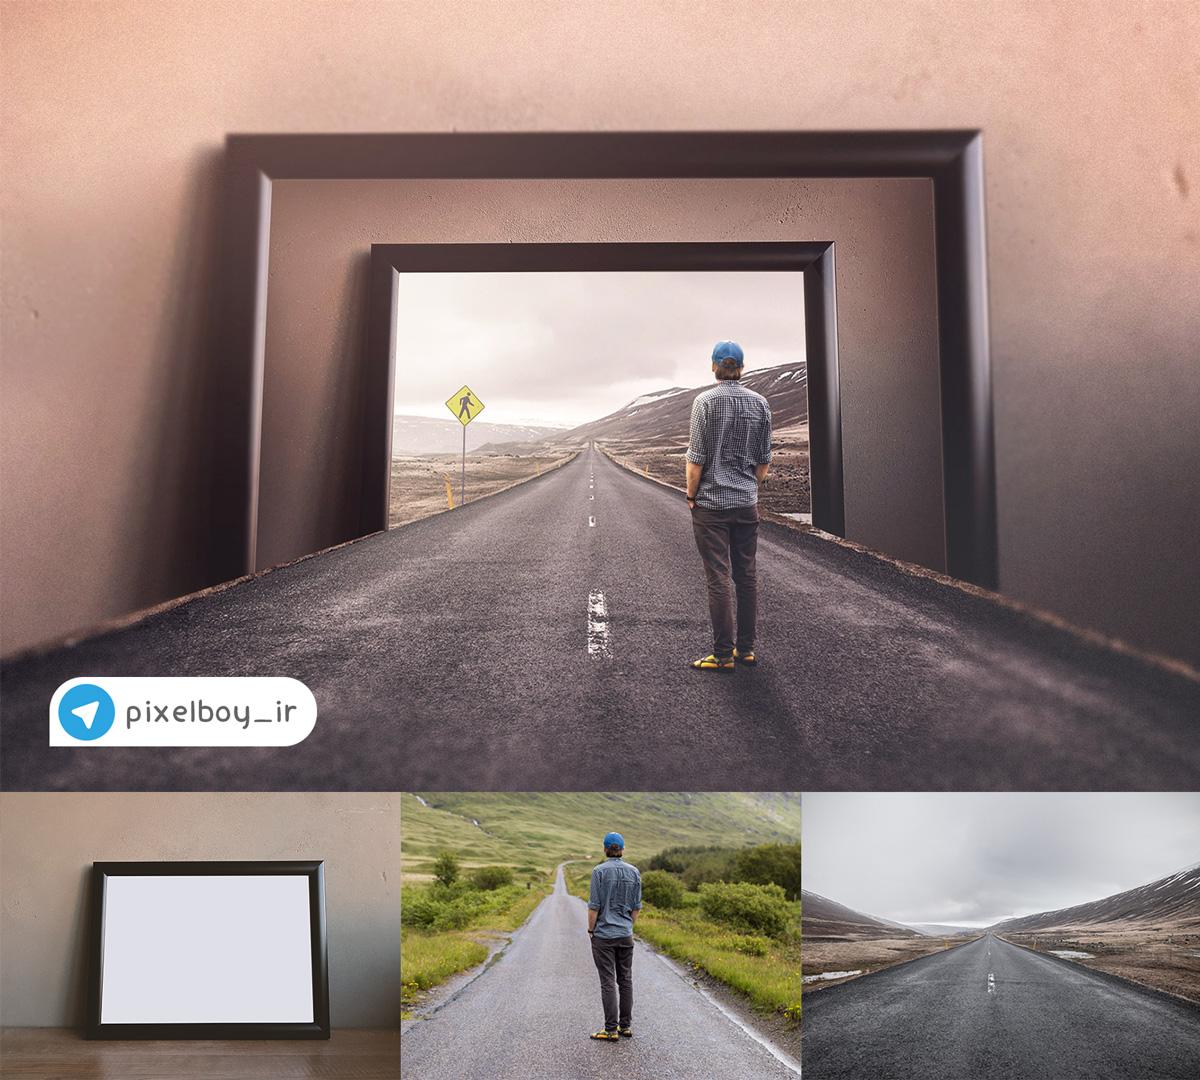 آموزش حرفه ای ترکیب تصاویر در فتوشاپ ( توهم قاب )